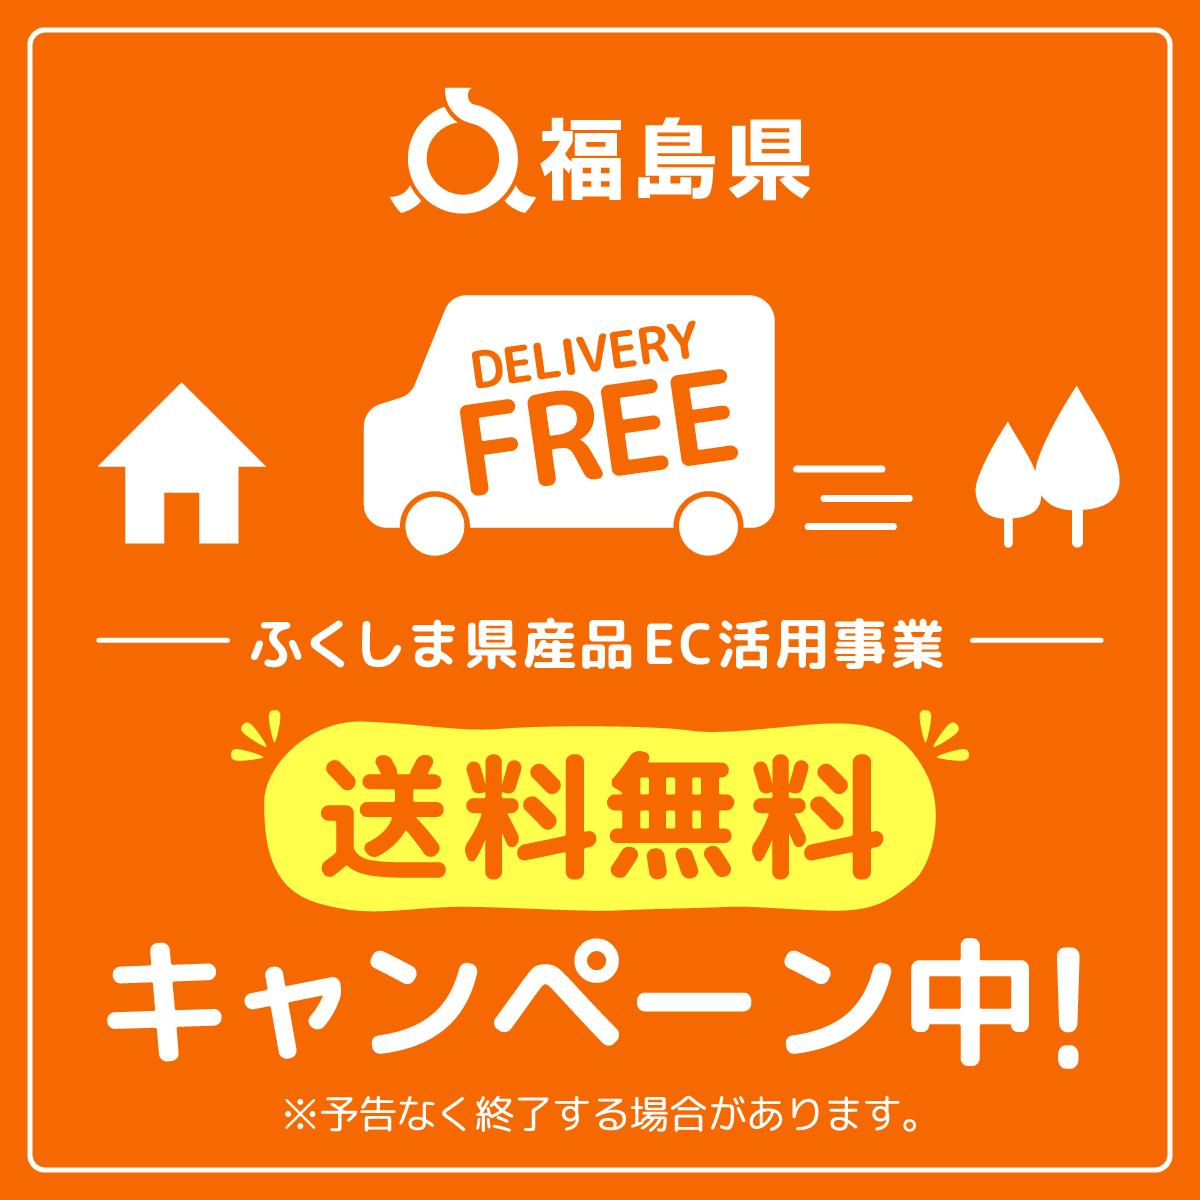 【オンラインショップ限定】送料無料キャンペーンのお知らせ_e0218089_10073320.png